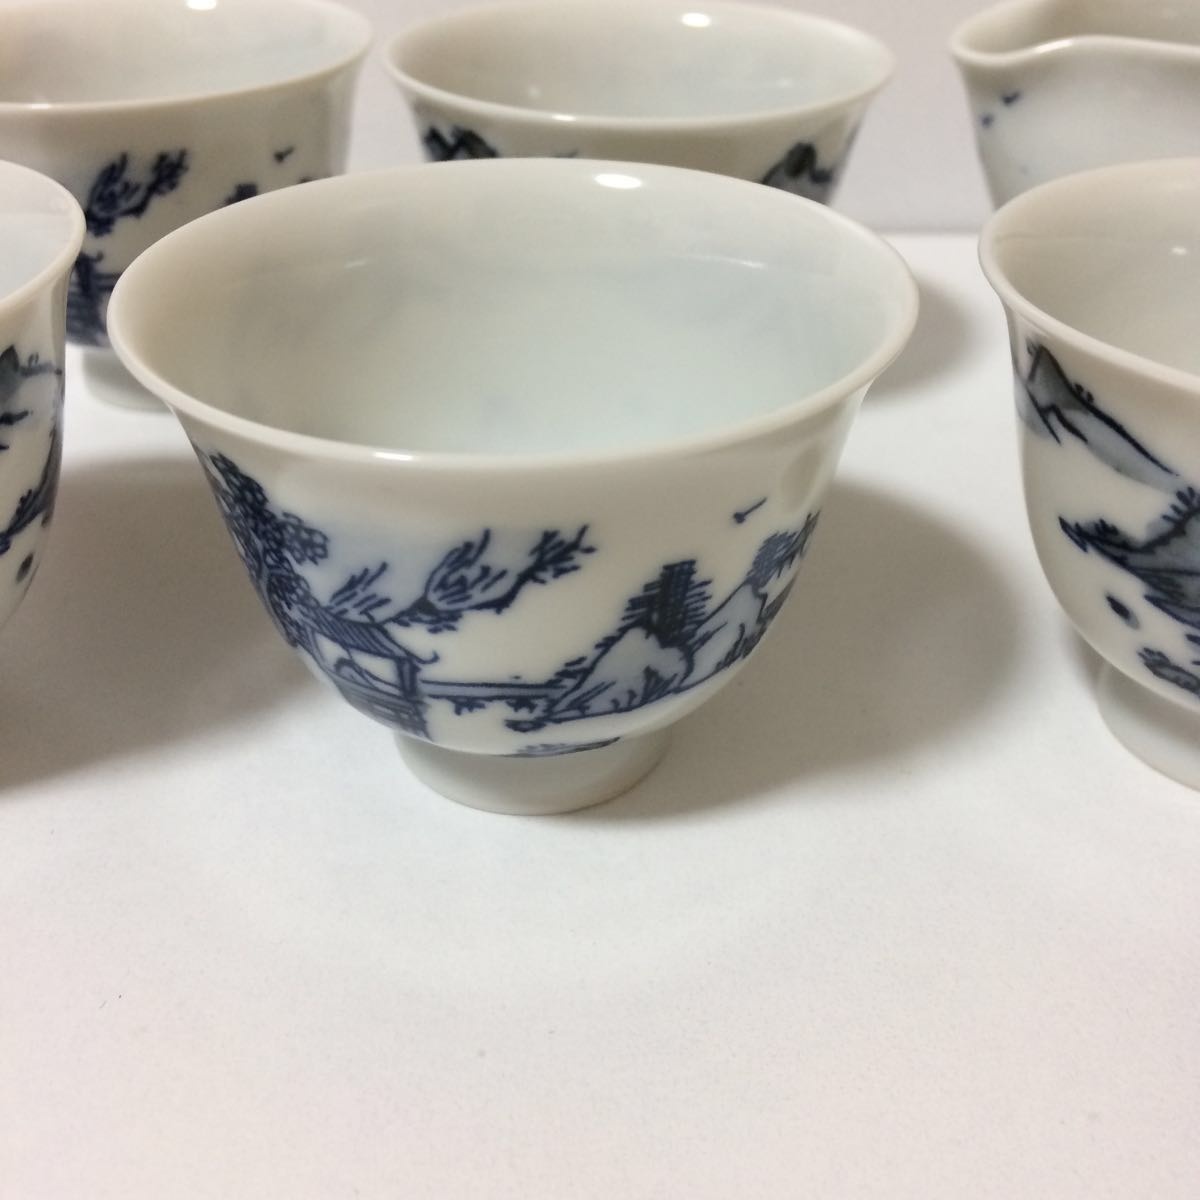 未使用 平安白鳳 茶器 セット 茶碗5客揃い 煎茶道具 煎茶器_画像6